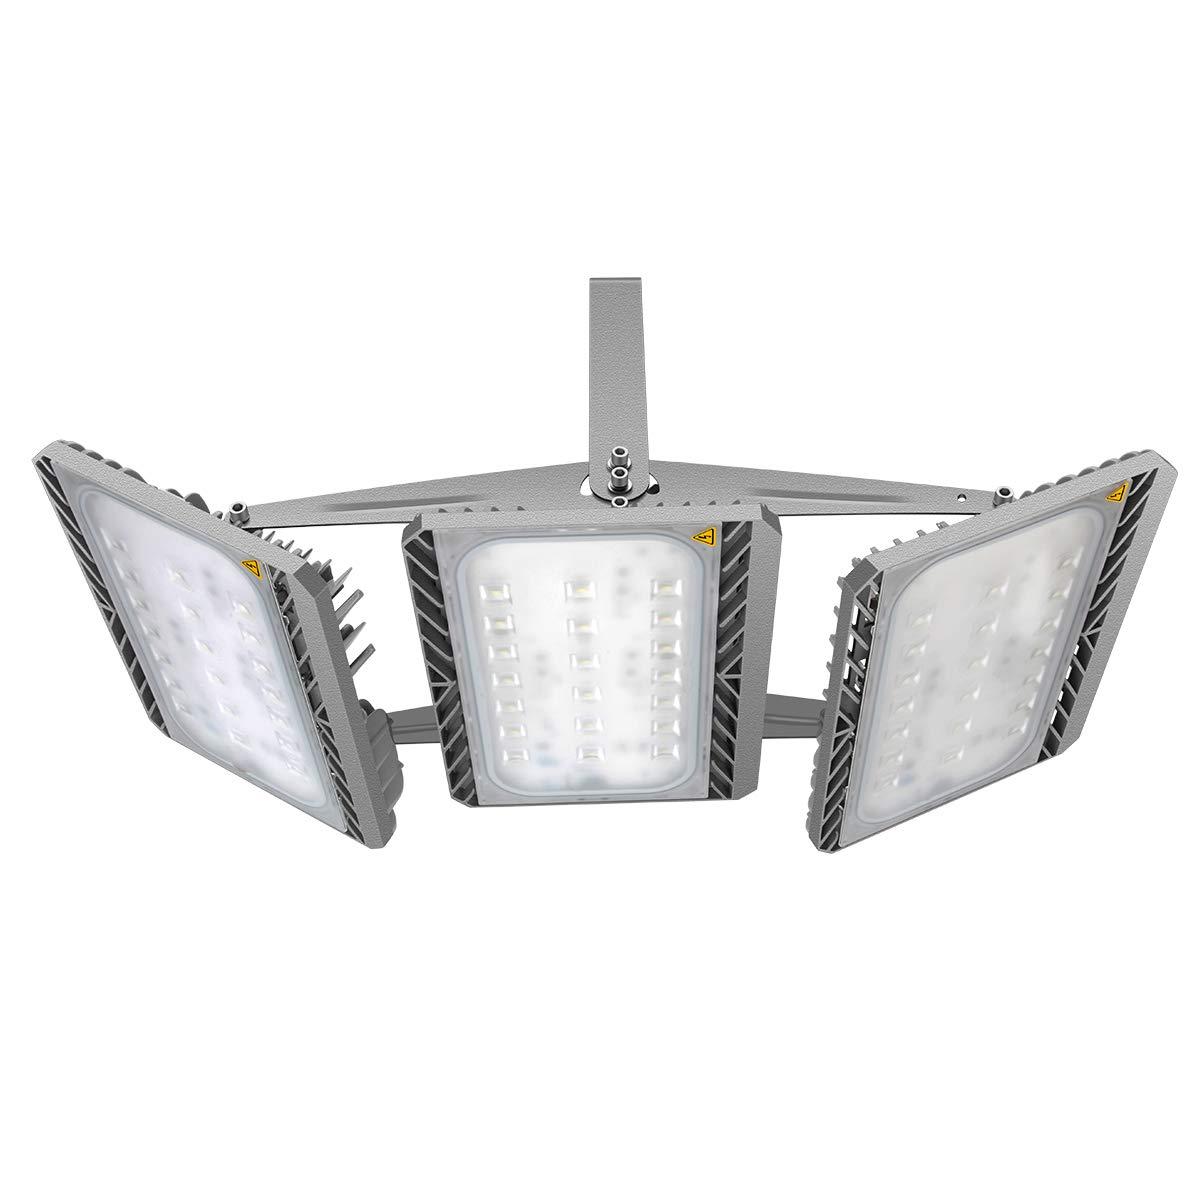 GOSUN® Super Hell 200W LED Fluter Außenstrahler 18000Lumen 230V IP65 CREE SMD5050 Kaltweiß , 36 Monate Garantie [Energieklasse A+] STASUN